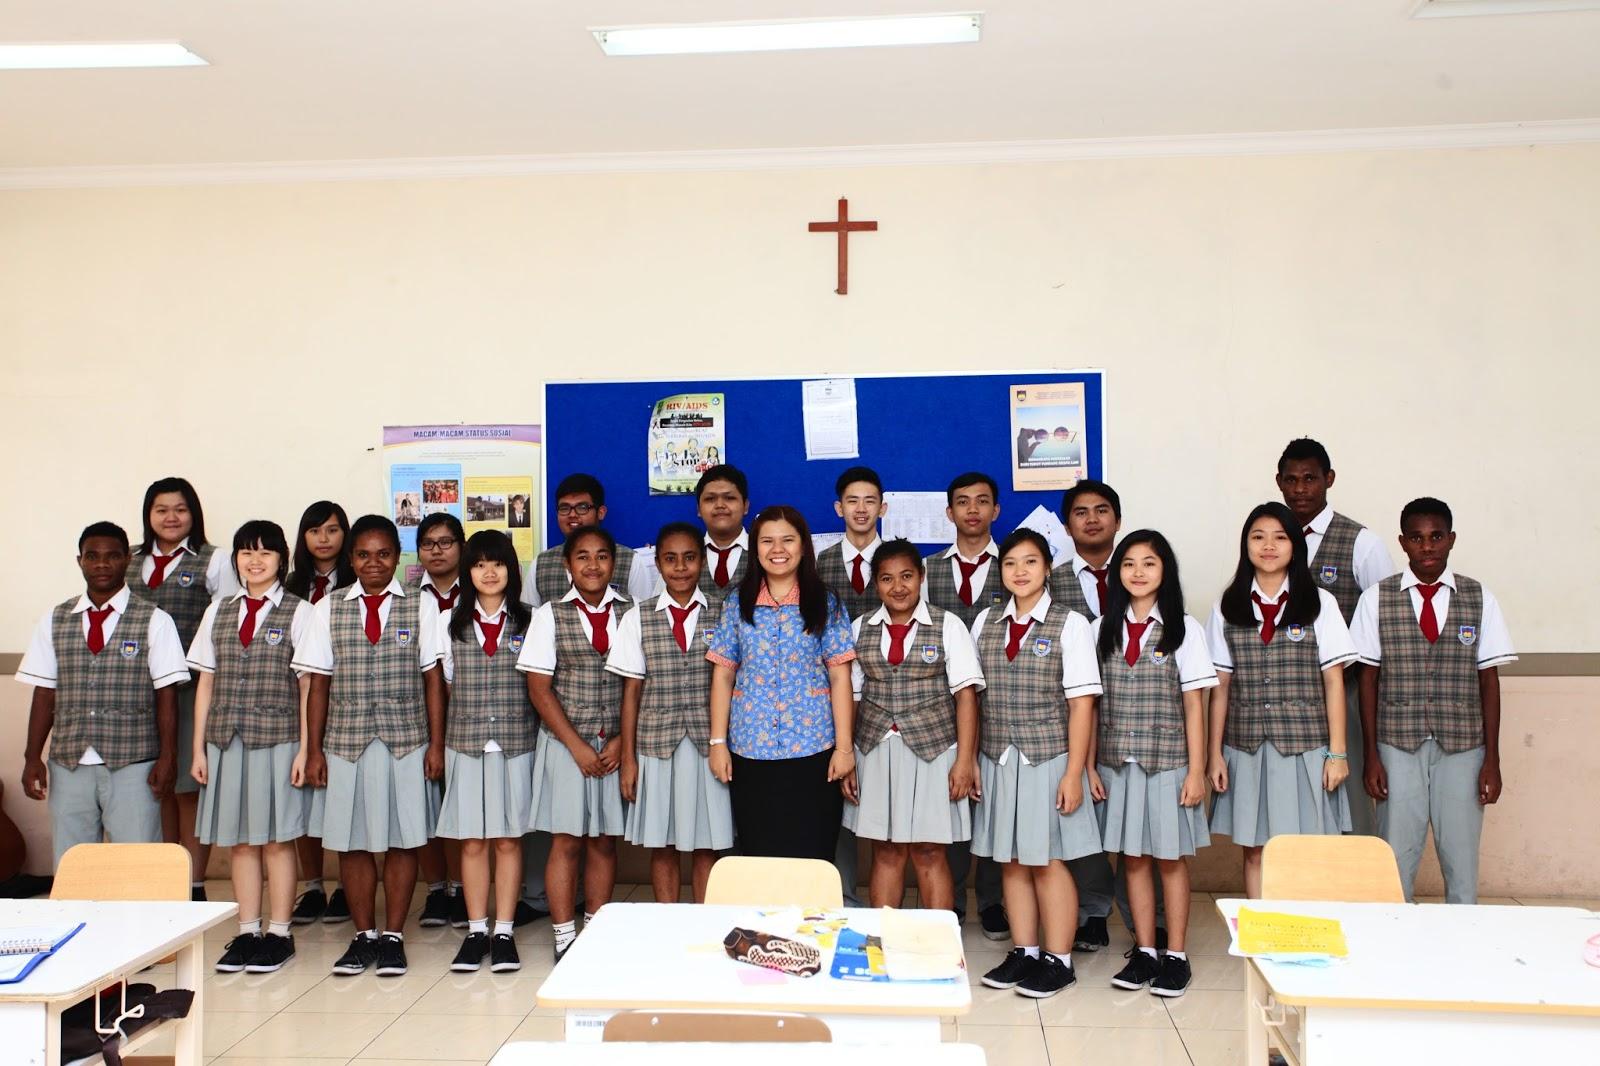 foto kelas angkatan 2015 2016 smpk smak bpk penabur sukabumi